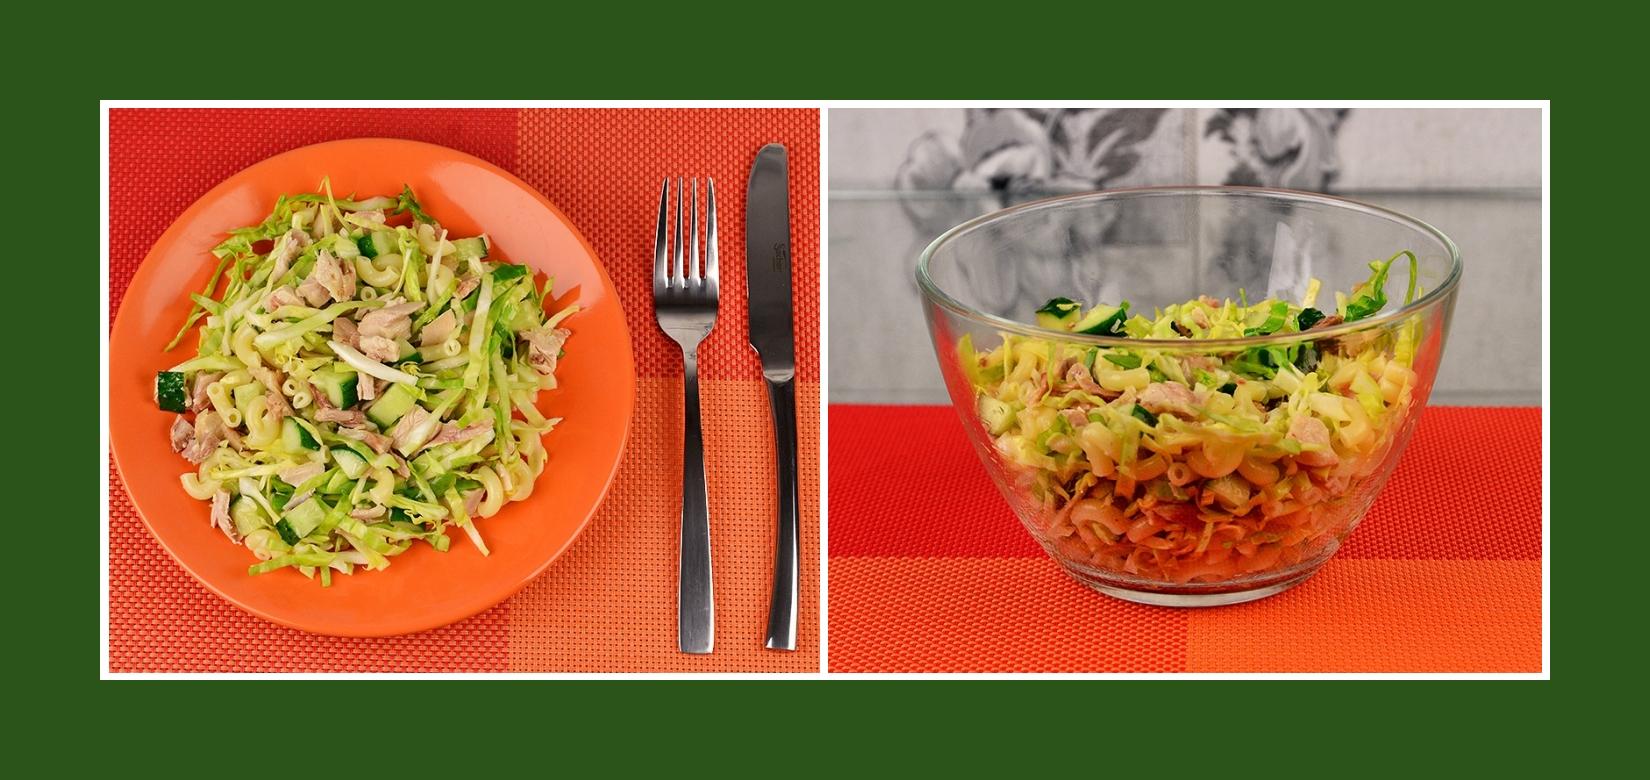 Erfrischender Frühlingssalat mit Frühlingsgemüse, Nudeln und Geflügel Hähnchenfleisch